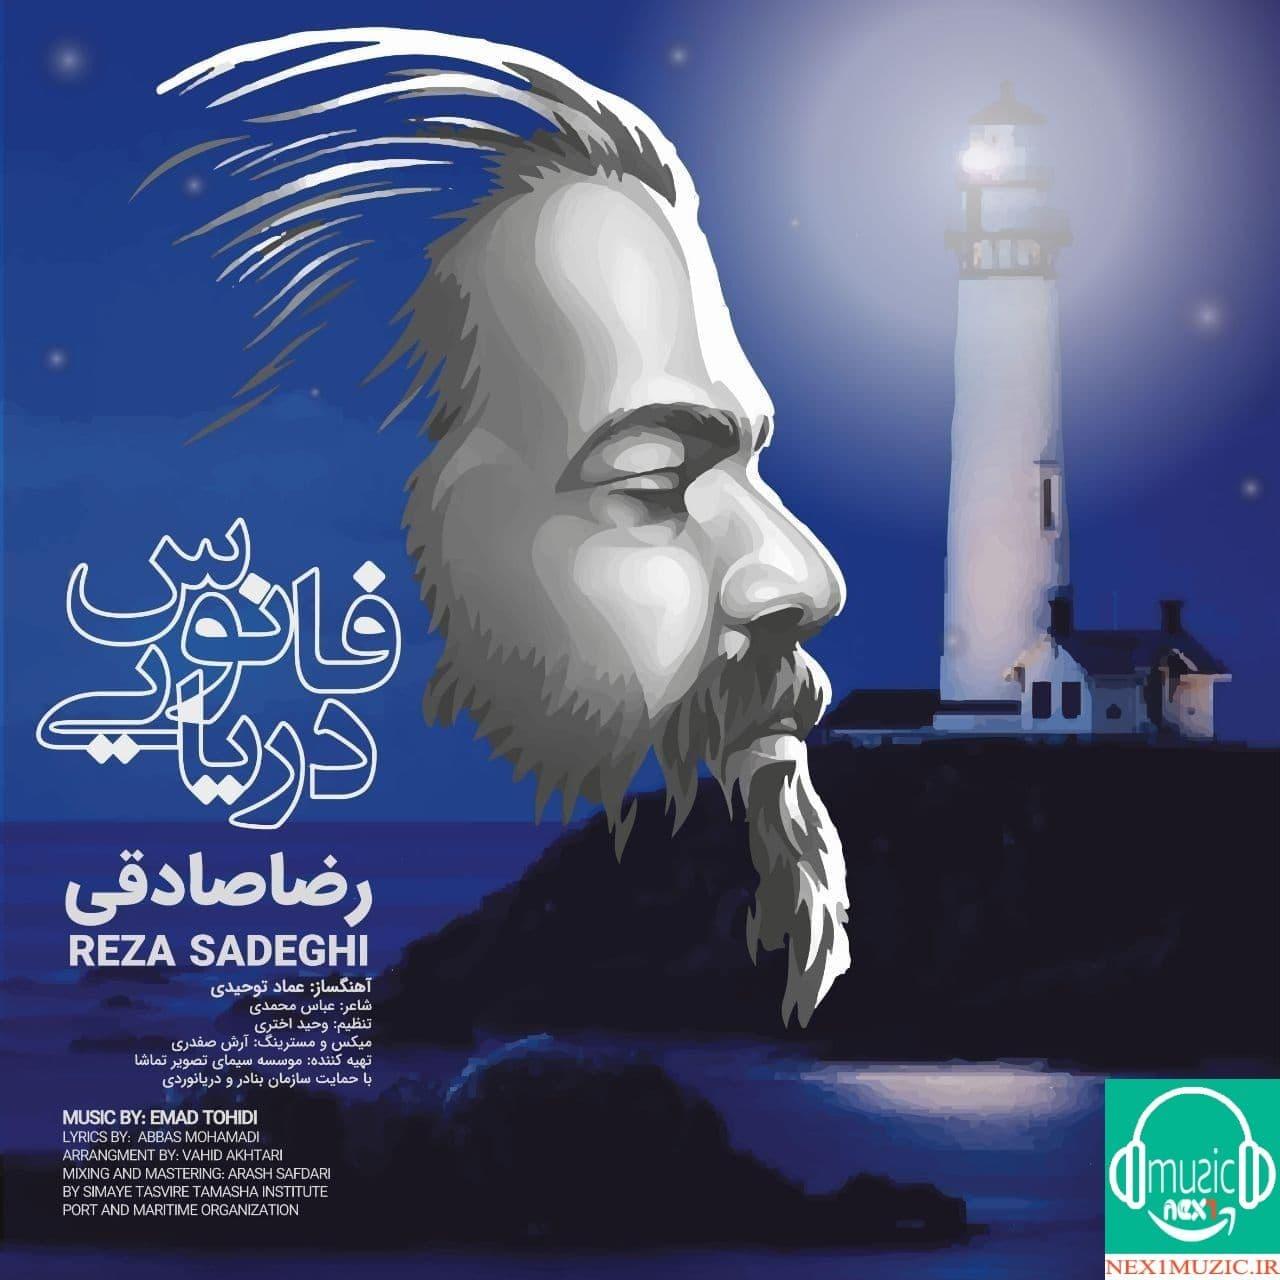 آهنگِ جدید و زیبایِ رضا صادقی به نامِ «فانوس دریایی»